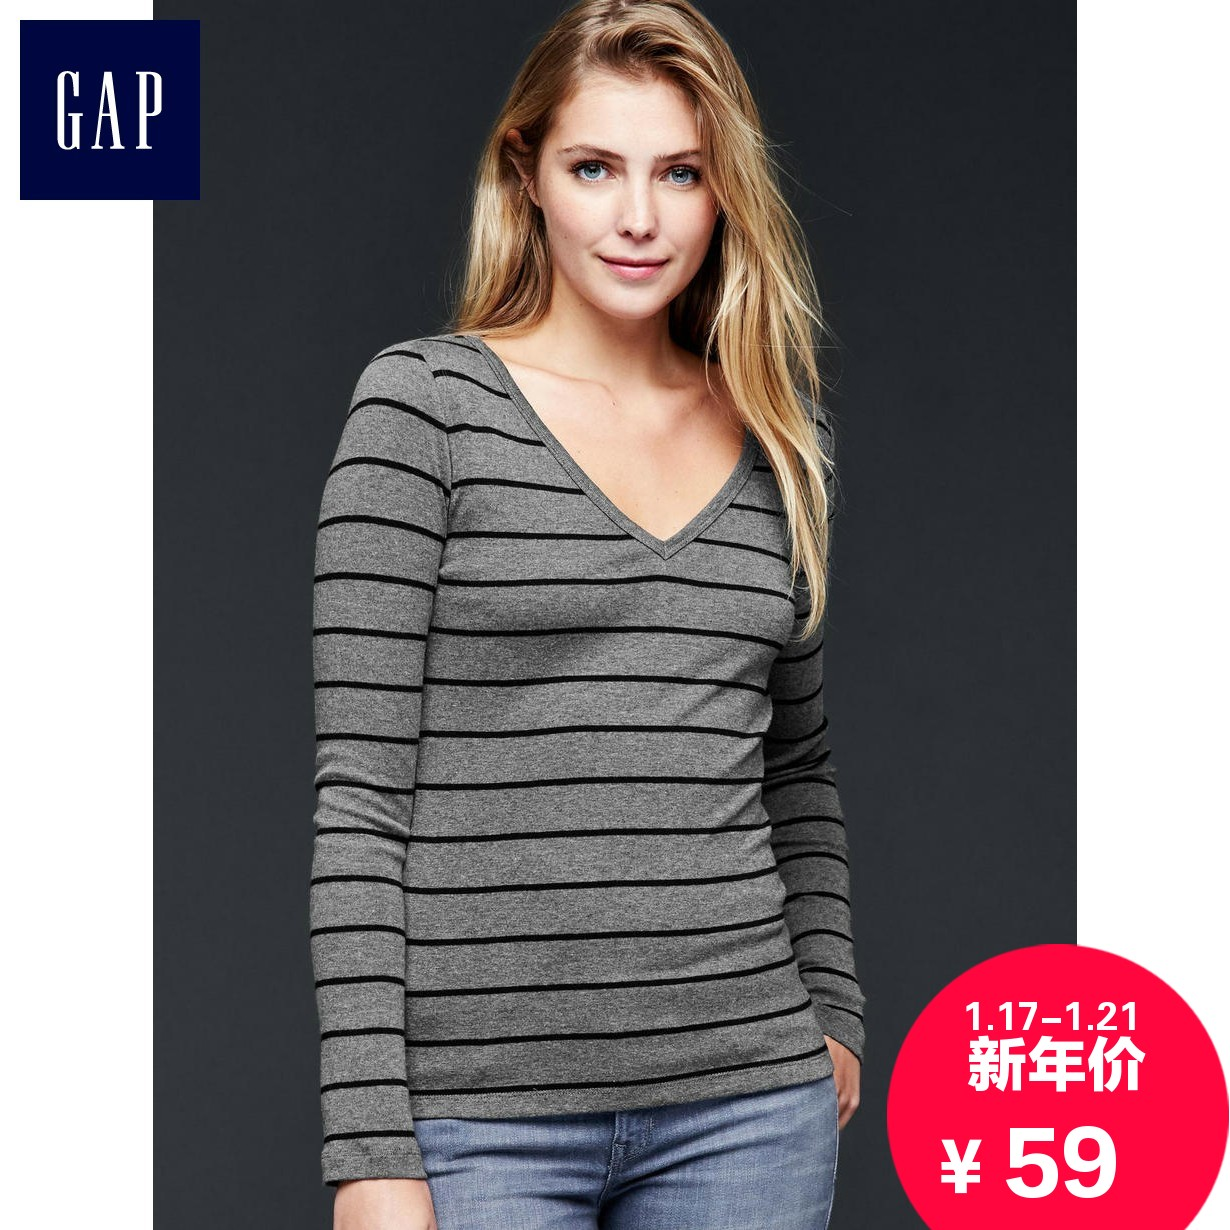 GapT恤怎么样,Gap女装质量好吗